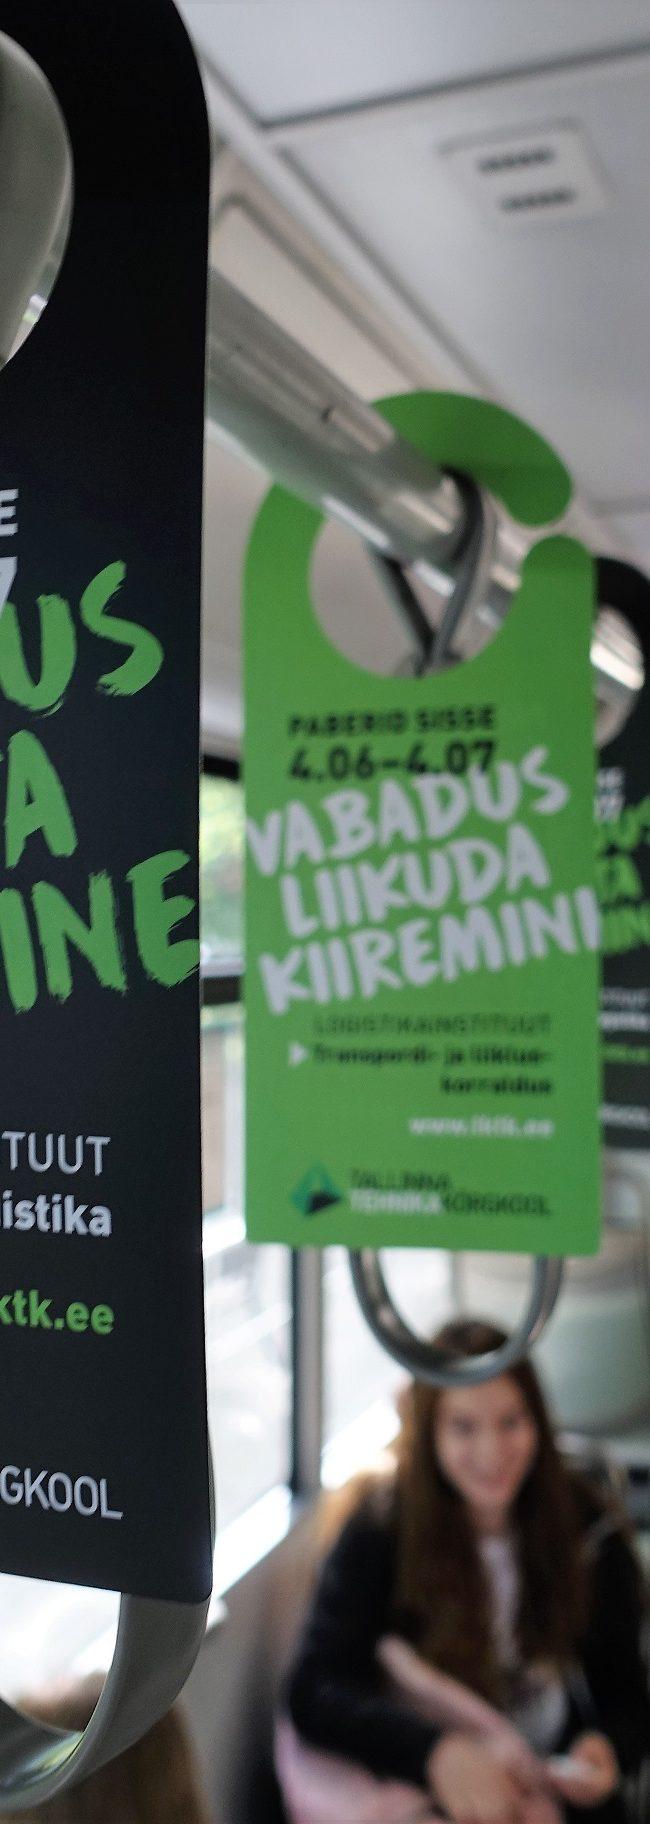 Tallinna Tehnikakkõrgkool – rippuvad reklaamid ümber torude